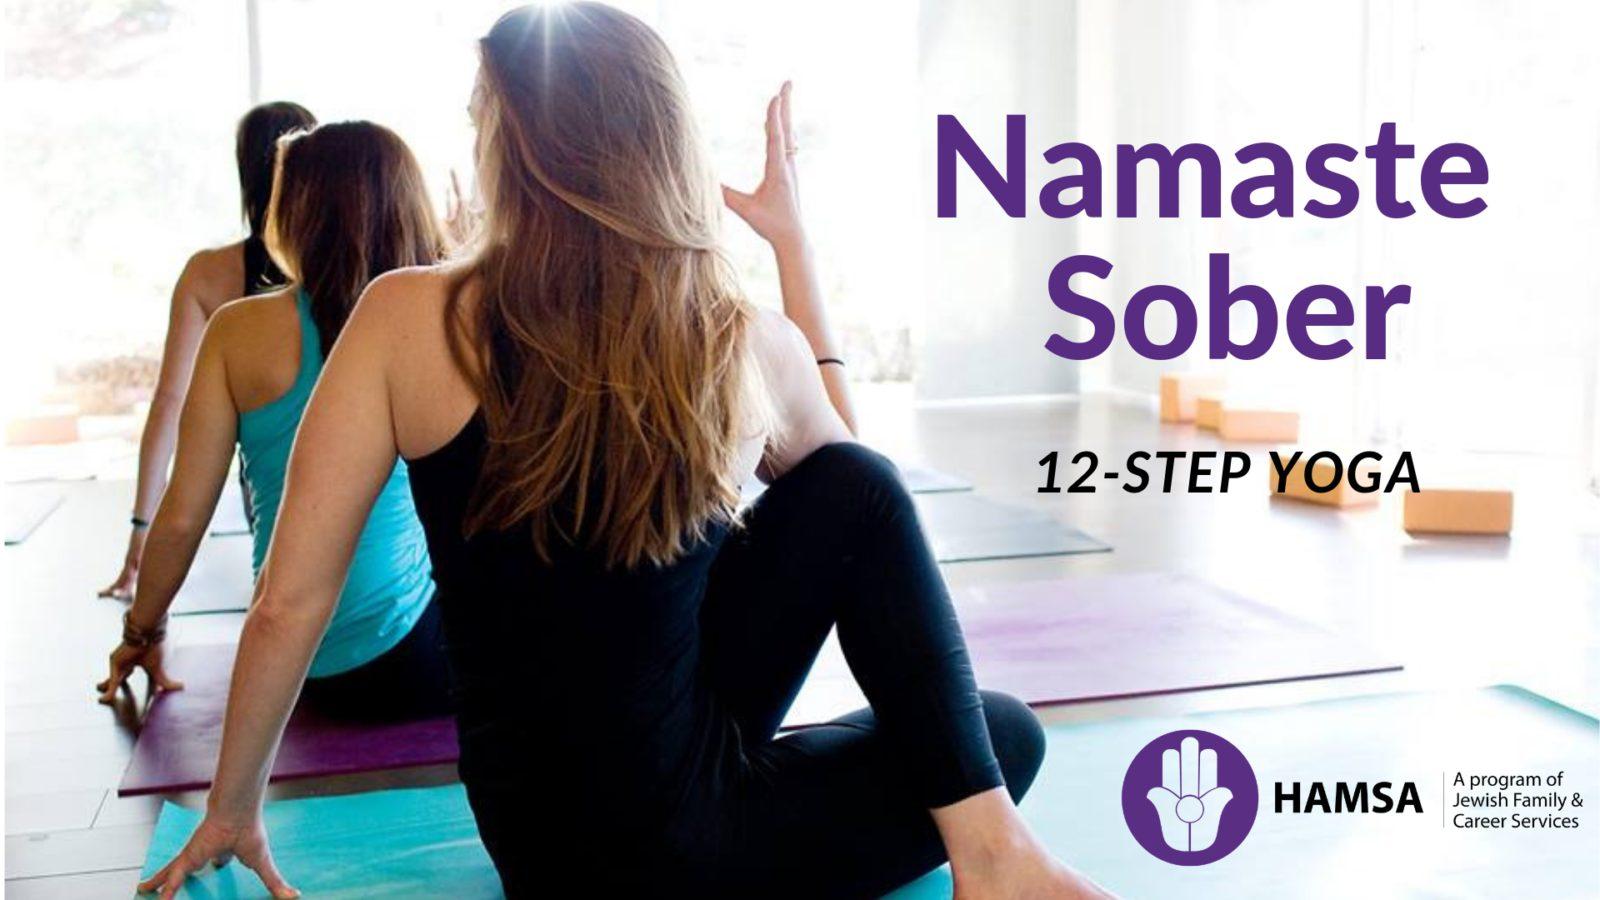 Namaste Sober 12-Step Yoga